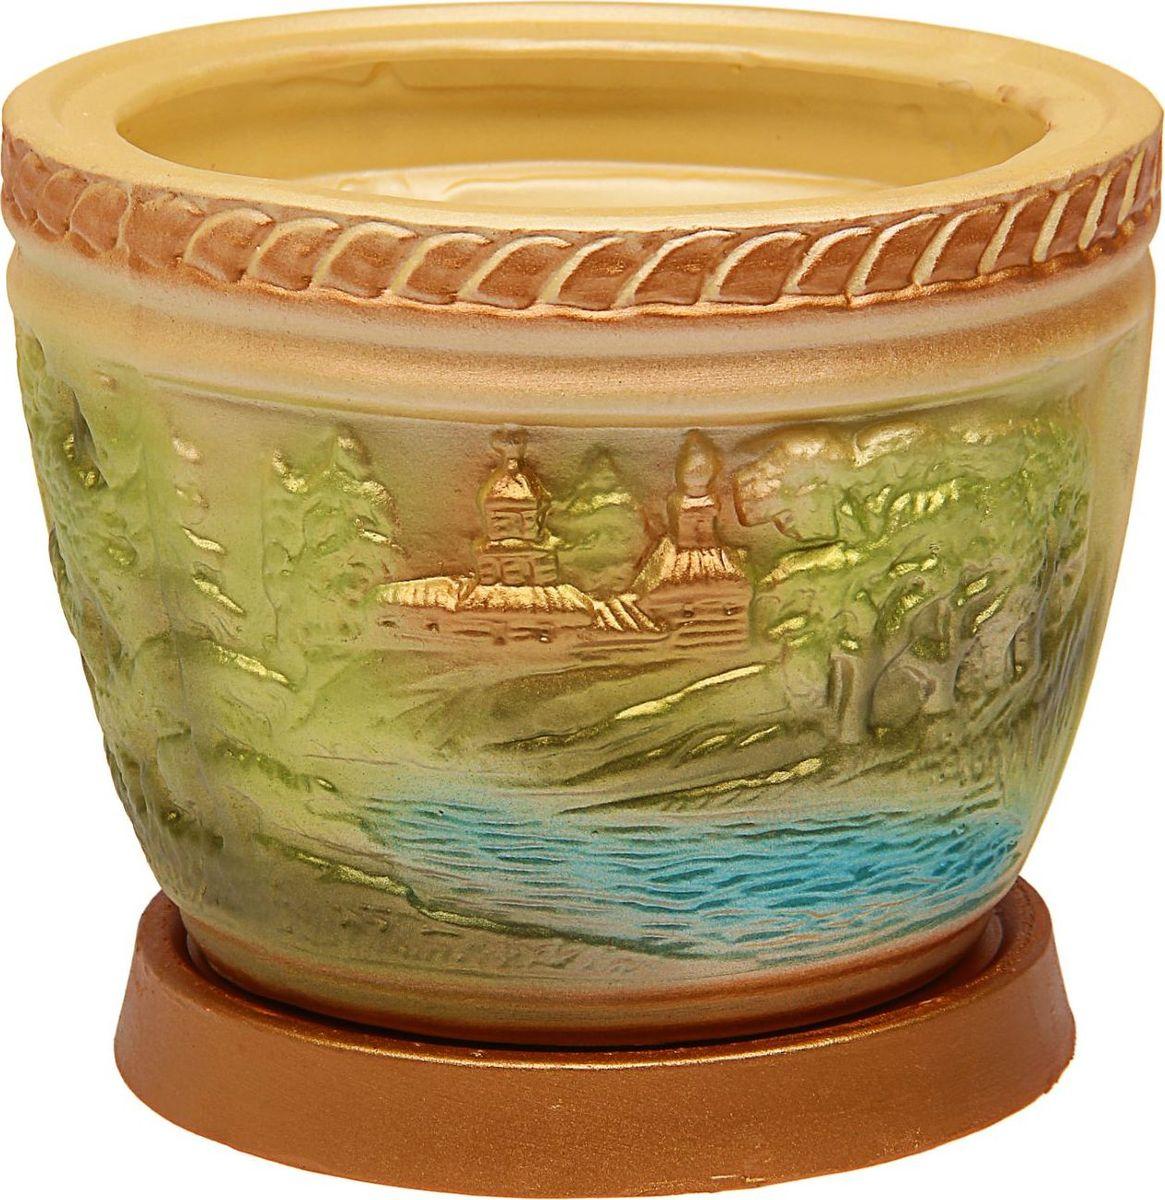 Кашпо Керамика ручной работы Лес, цвет: мультиколор, 4 л1465261Комнатные растения — всеобщие любимцы. Они радуют глаз, насыщают помещение кислородом и украшают пространство. Каждому из них необходим свой удобный и красивый дом. Кашпо из керамики прекрасно подходят для высадки растений: за счёт пластичности глины и разных способов обработки существует великое множество форм и дизайновпористый материал позволяет испаряться лишней влагевоздух, необходимый для дыхания корней, проникает сквозь керамические стенки! #name# позаботится о зелёном питомце, освежит интерьер и подчеркнёт его стиль.